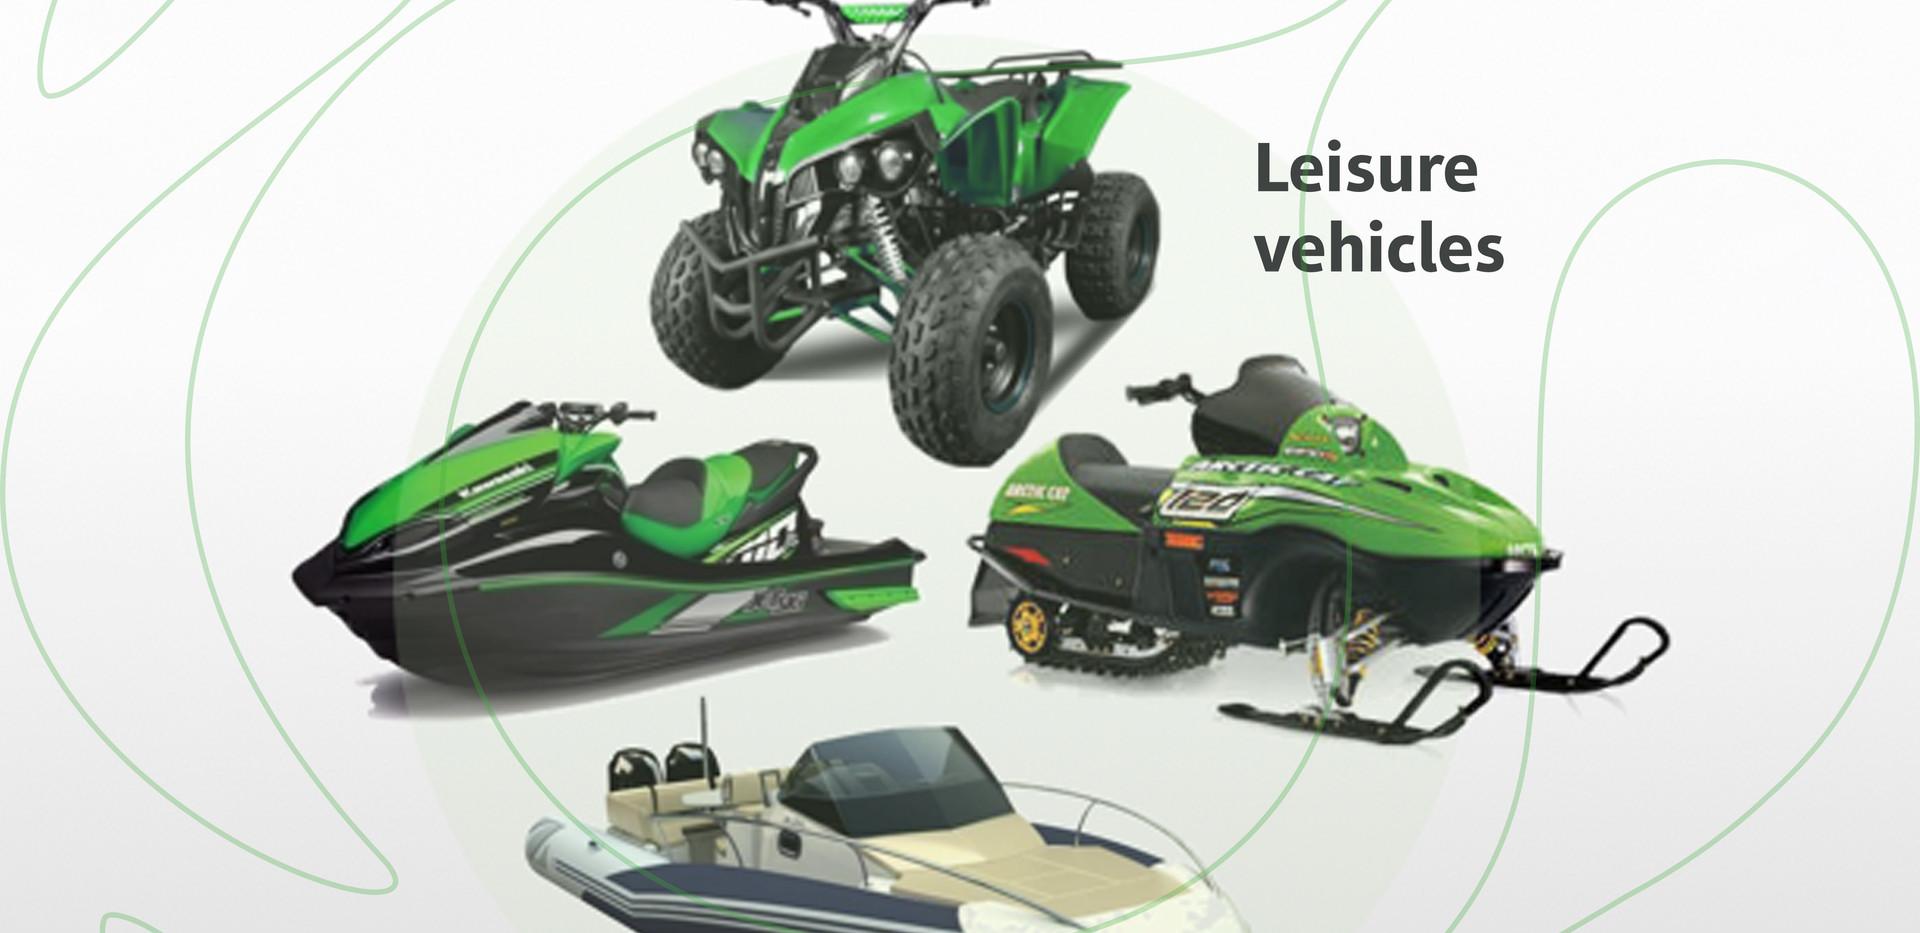 vehicules-loisirs.jpg